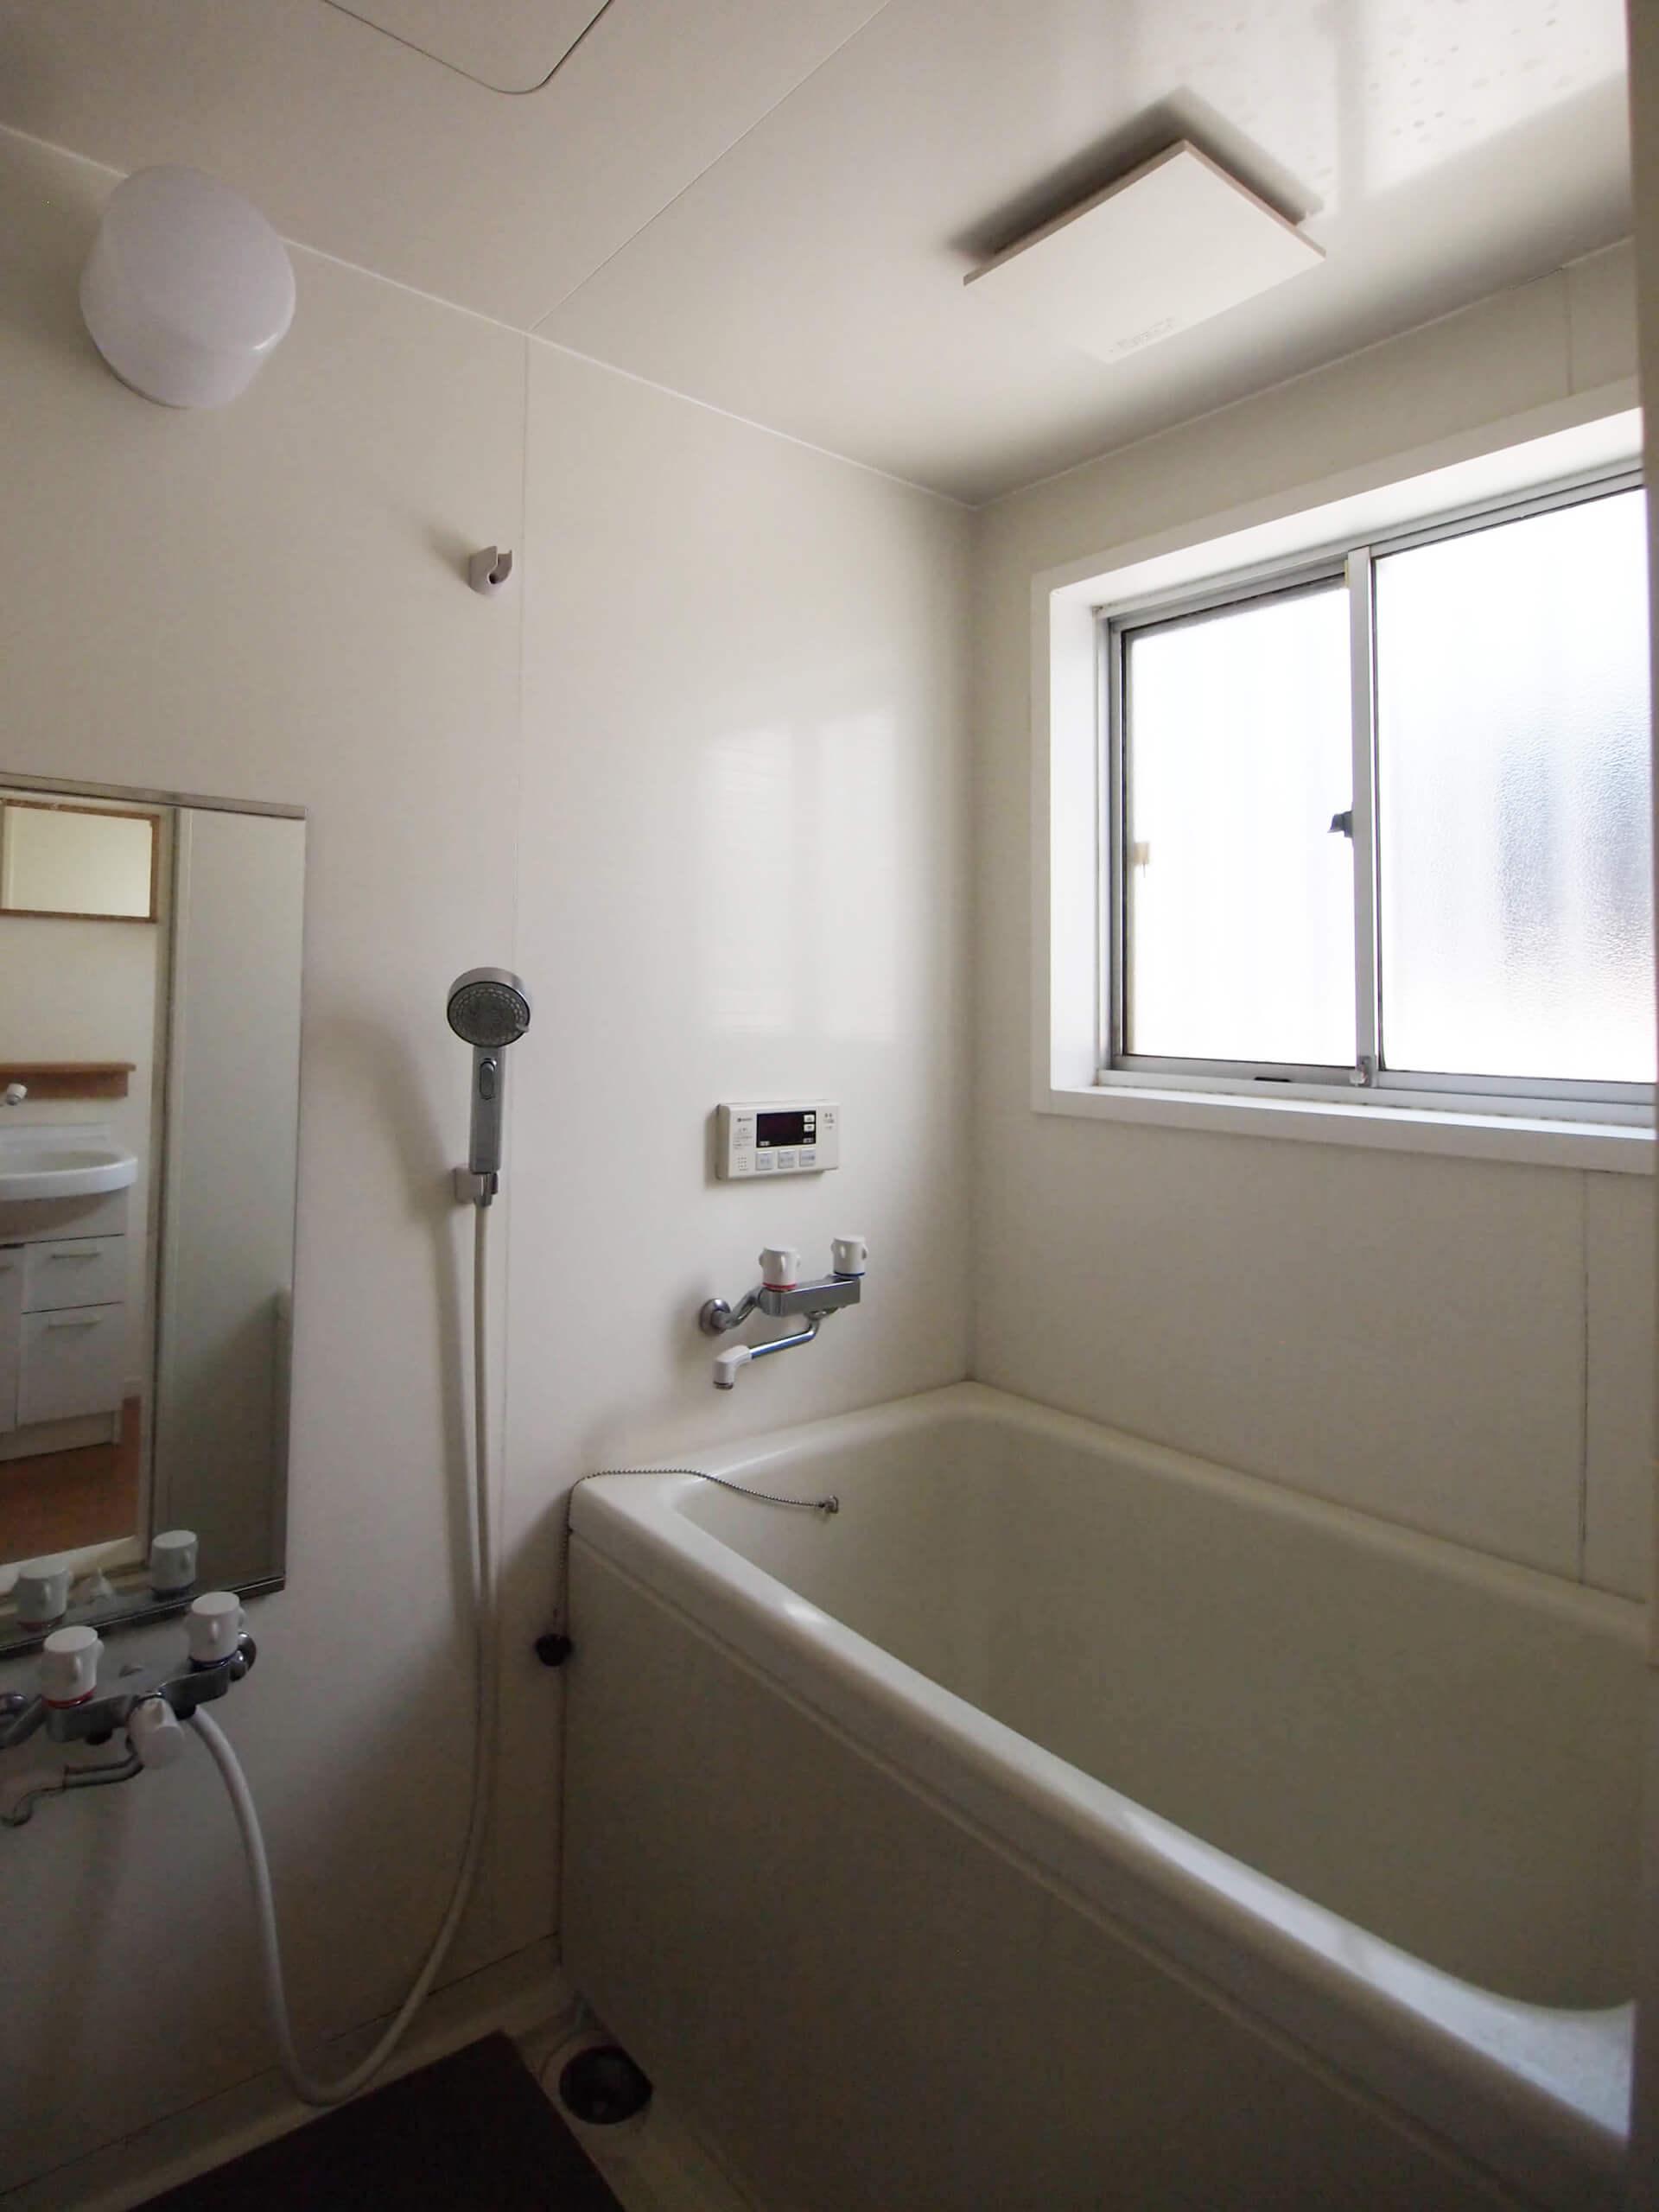 【浴室】追いだき機能付き